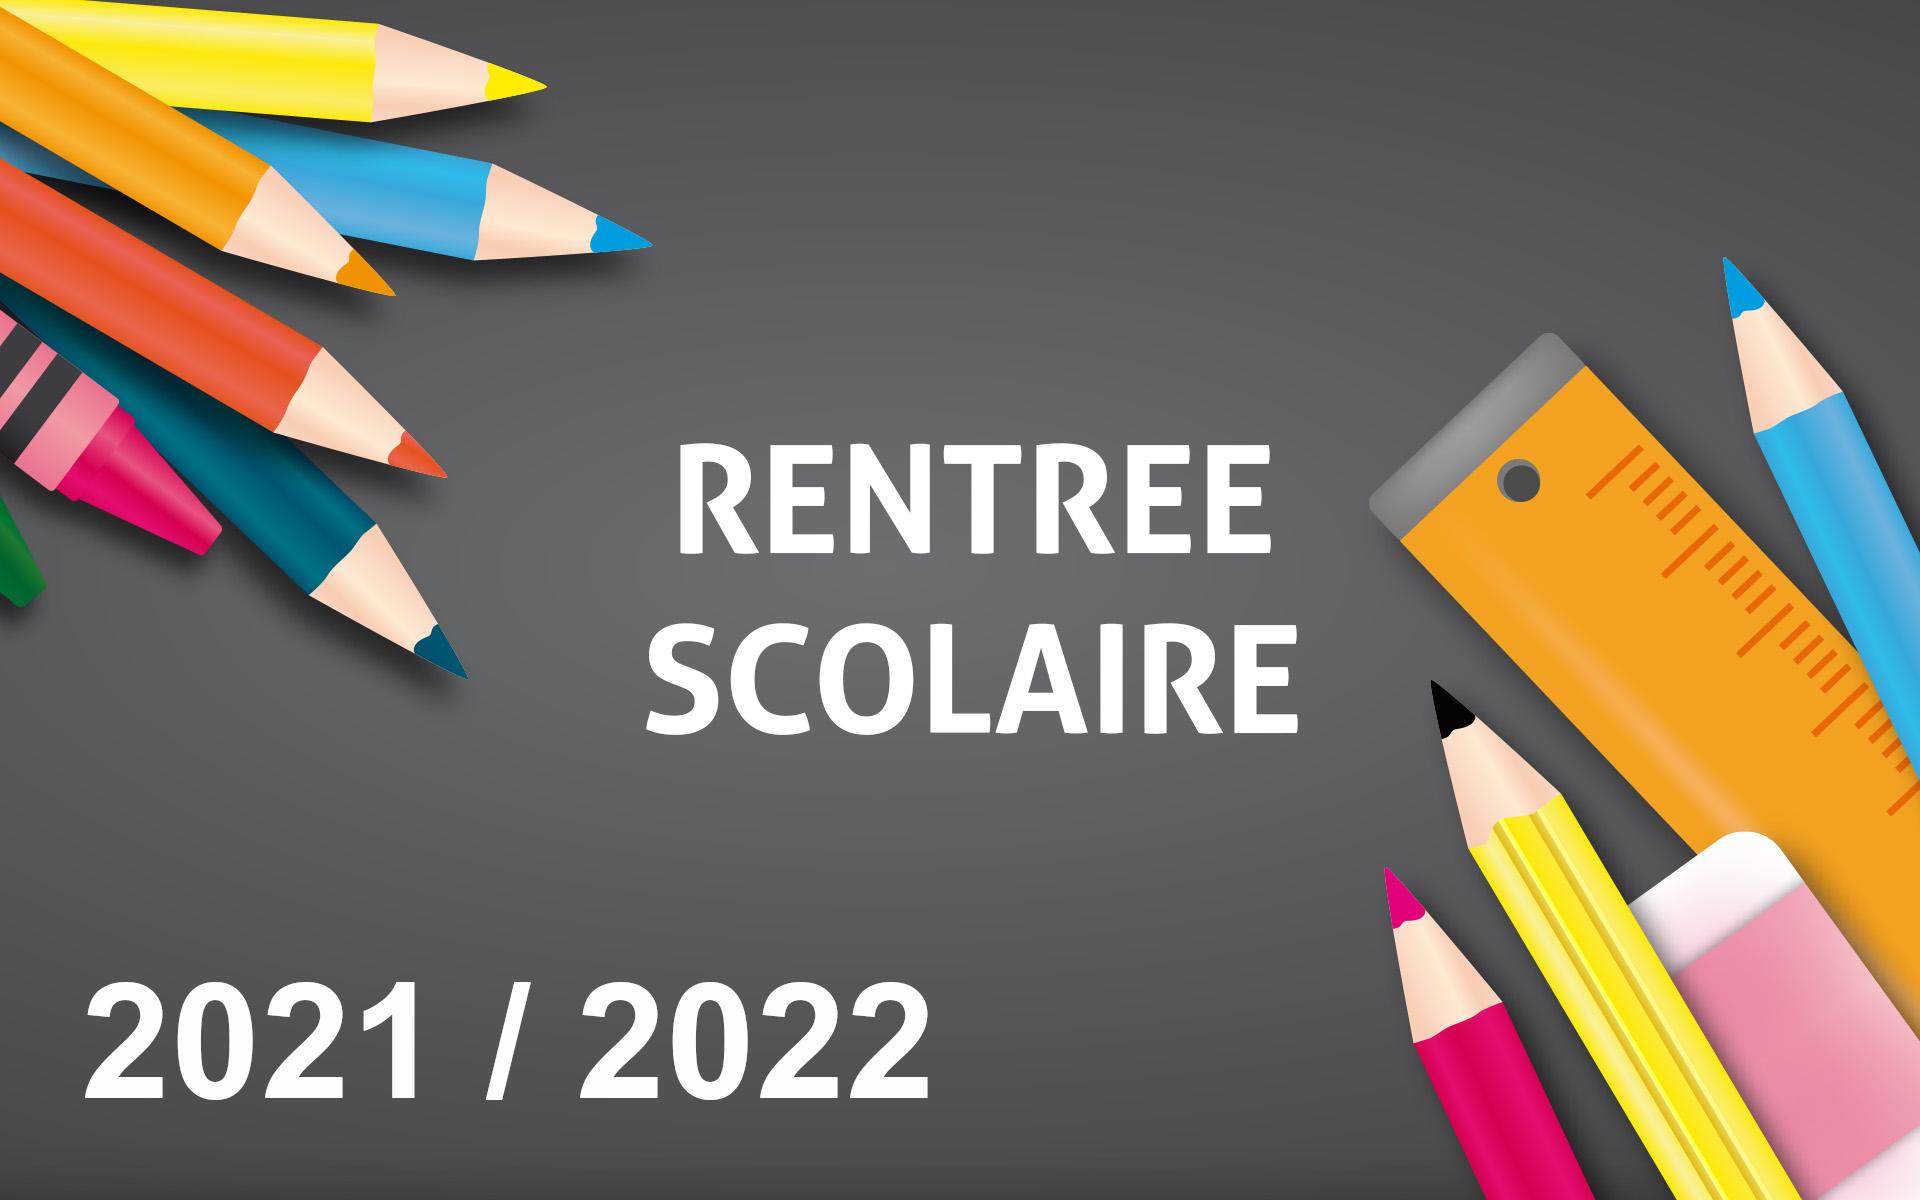 Rentrée des élèves 2021/2022